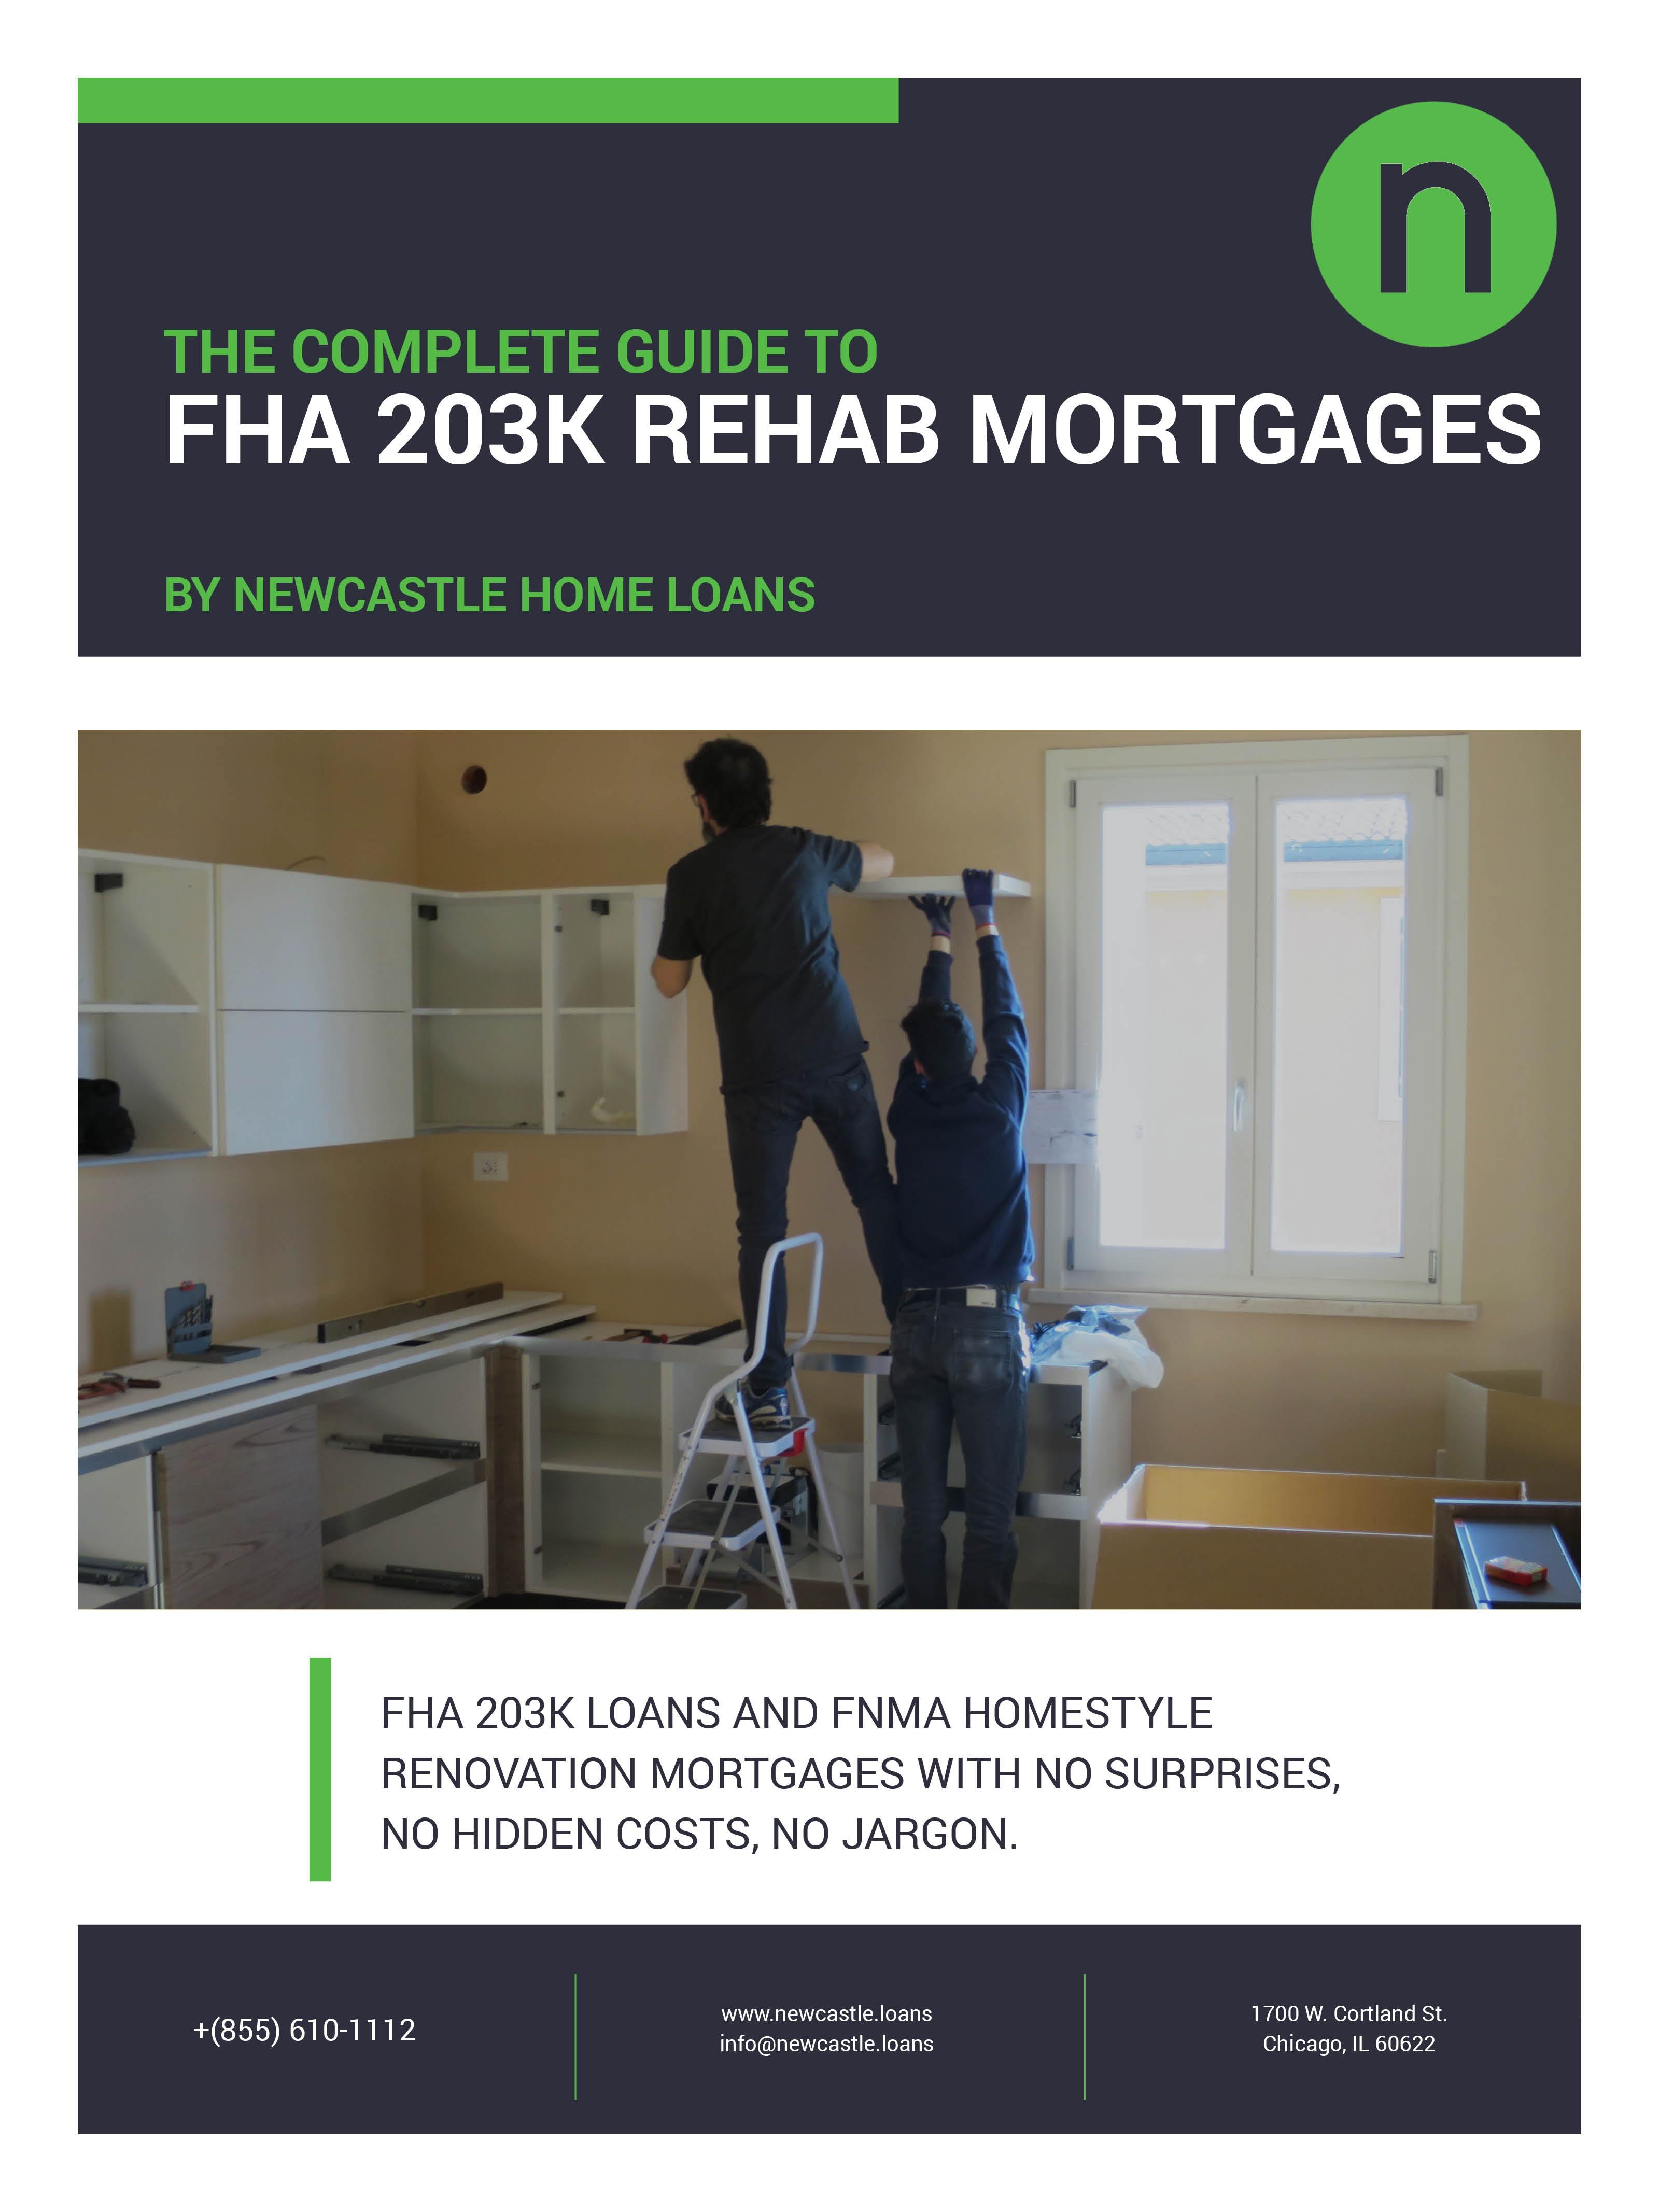 Personal loan companies murfreesboro tn